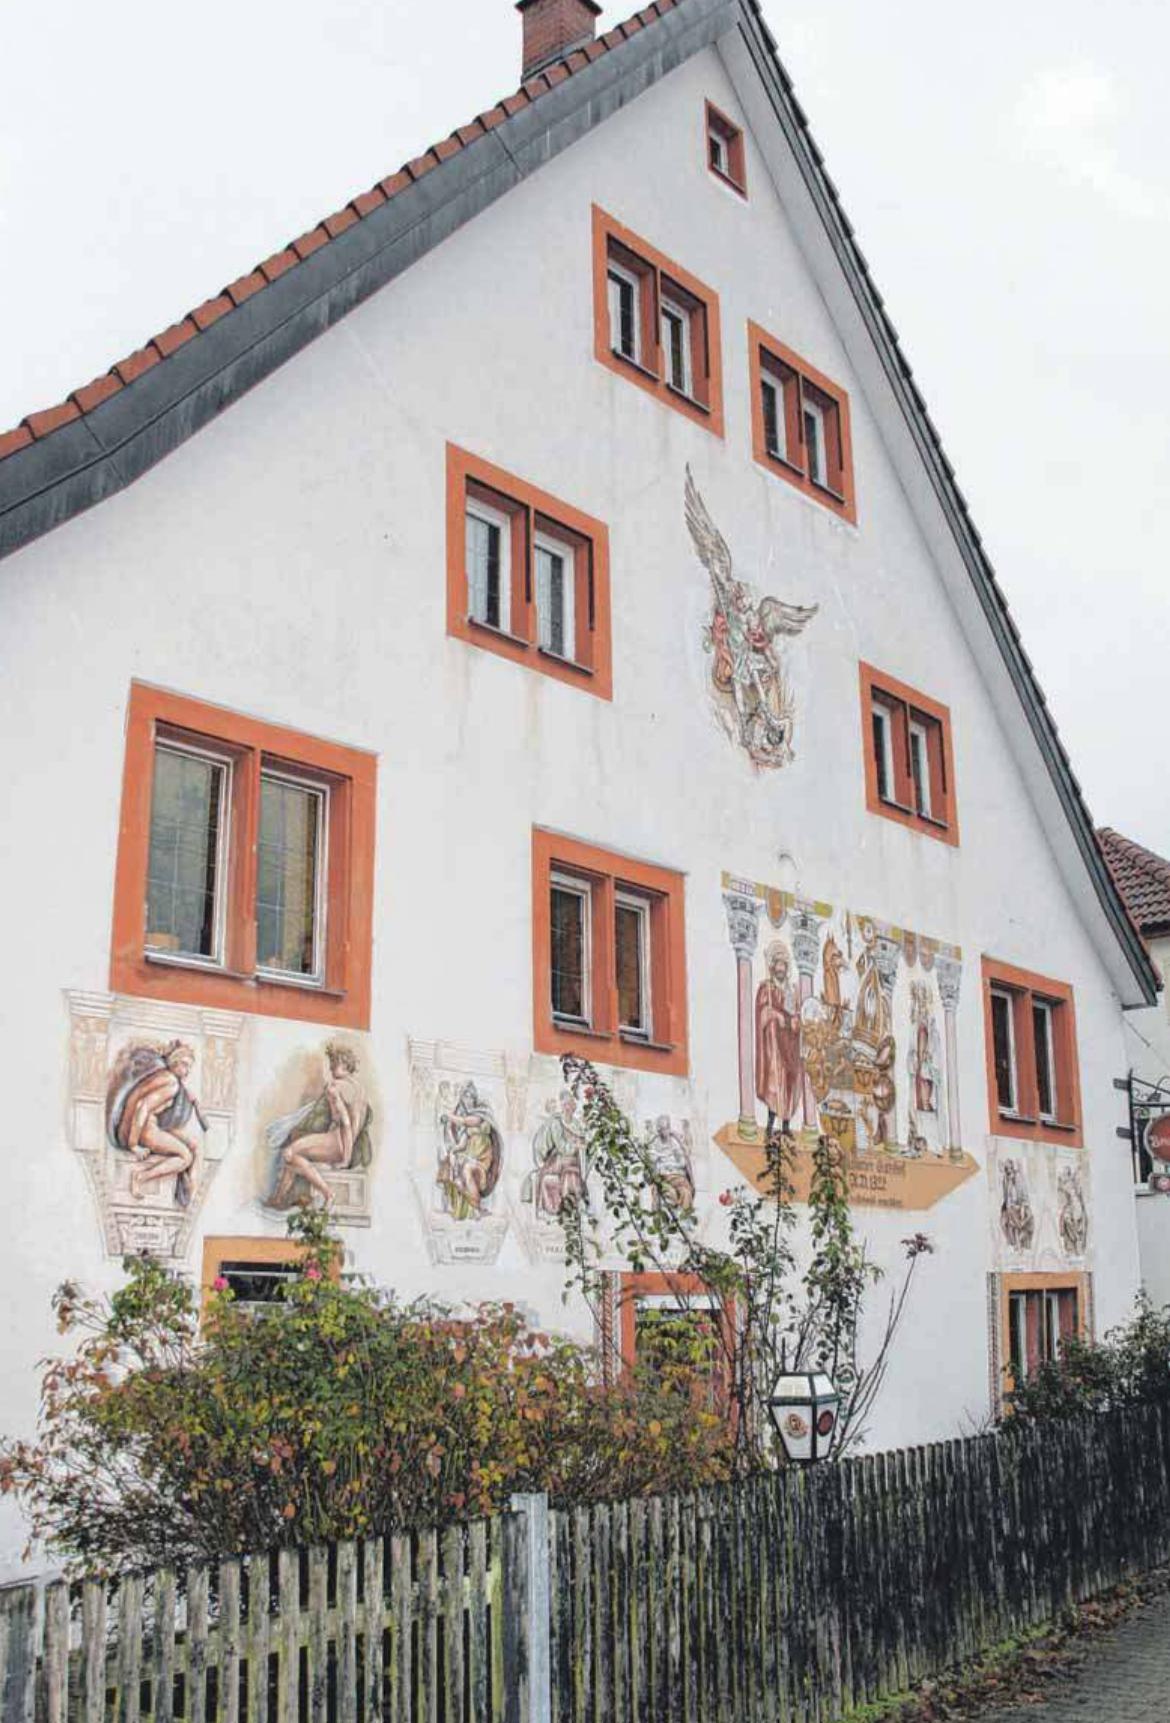 Markanter Blickfang: die Fassade des Brennerhofs.